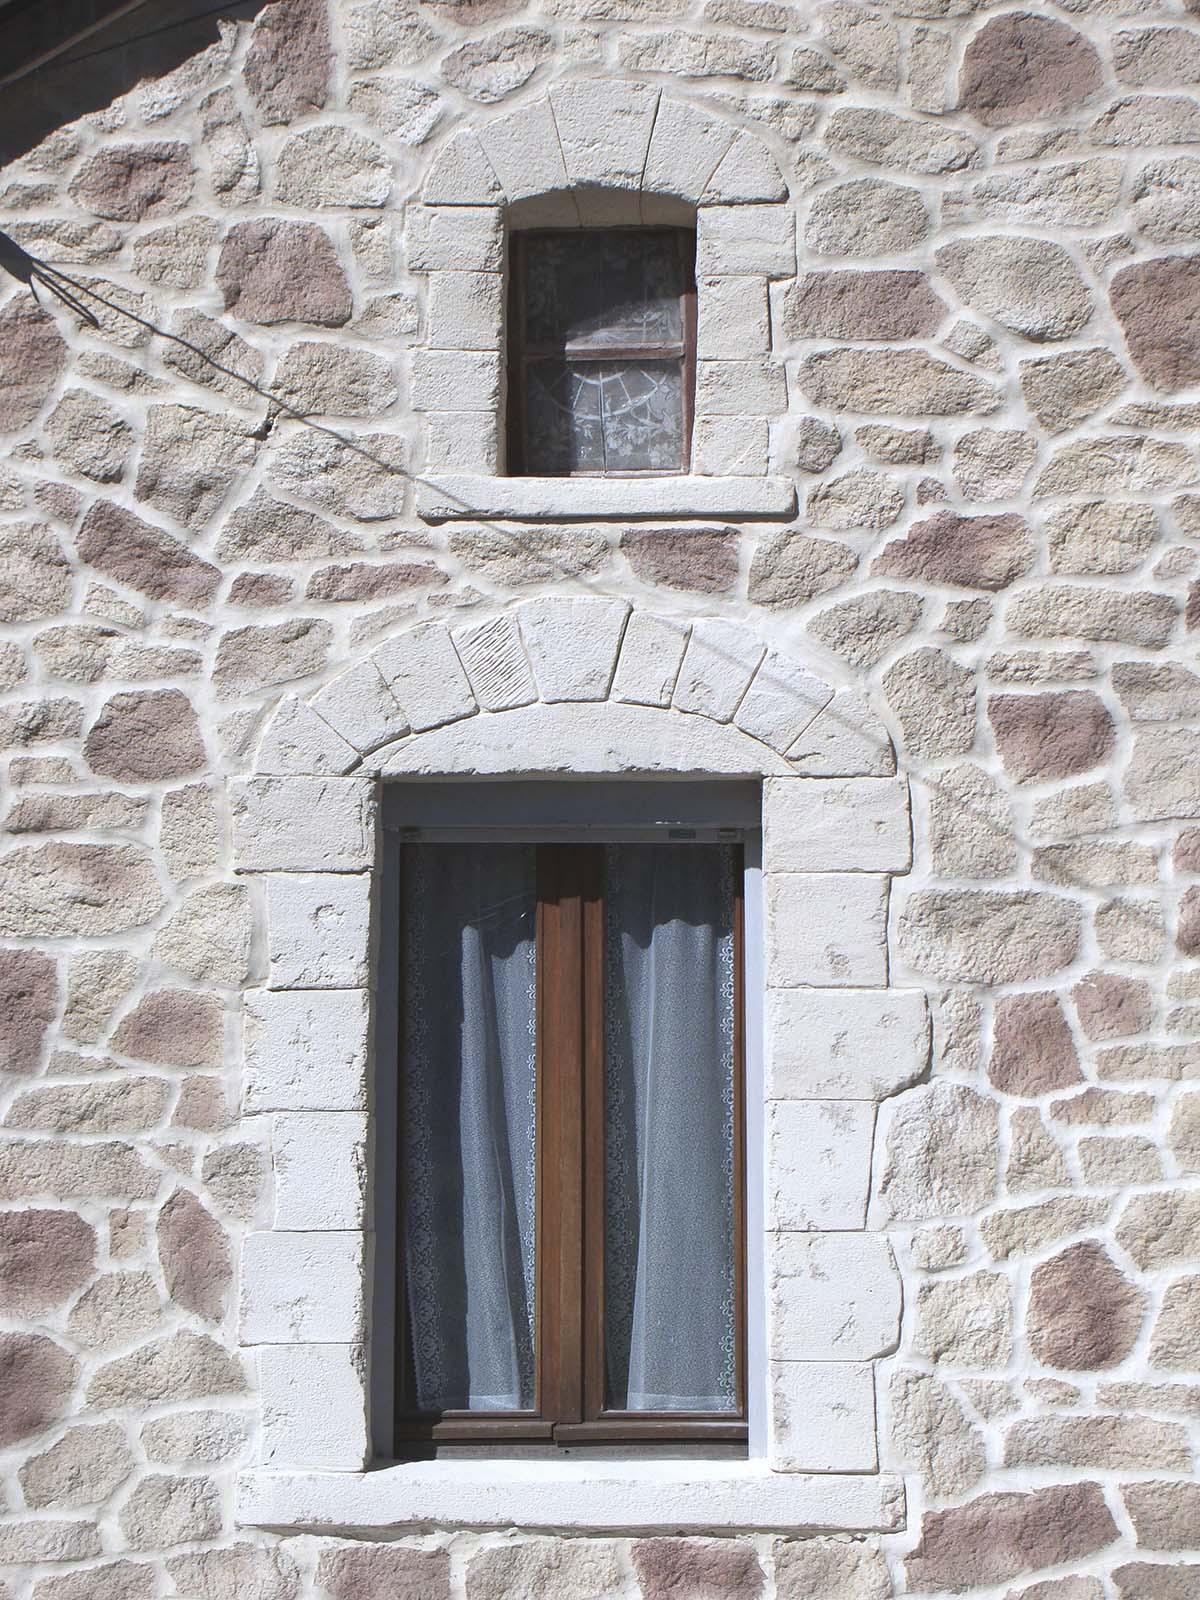 ouverture de fenetre arrondie avec de la fausse pierre